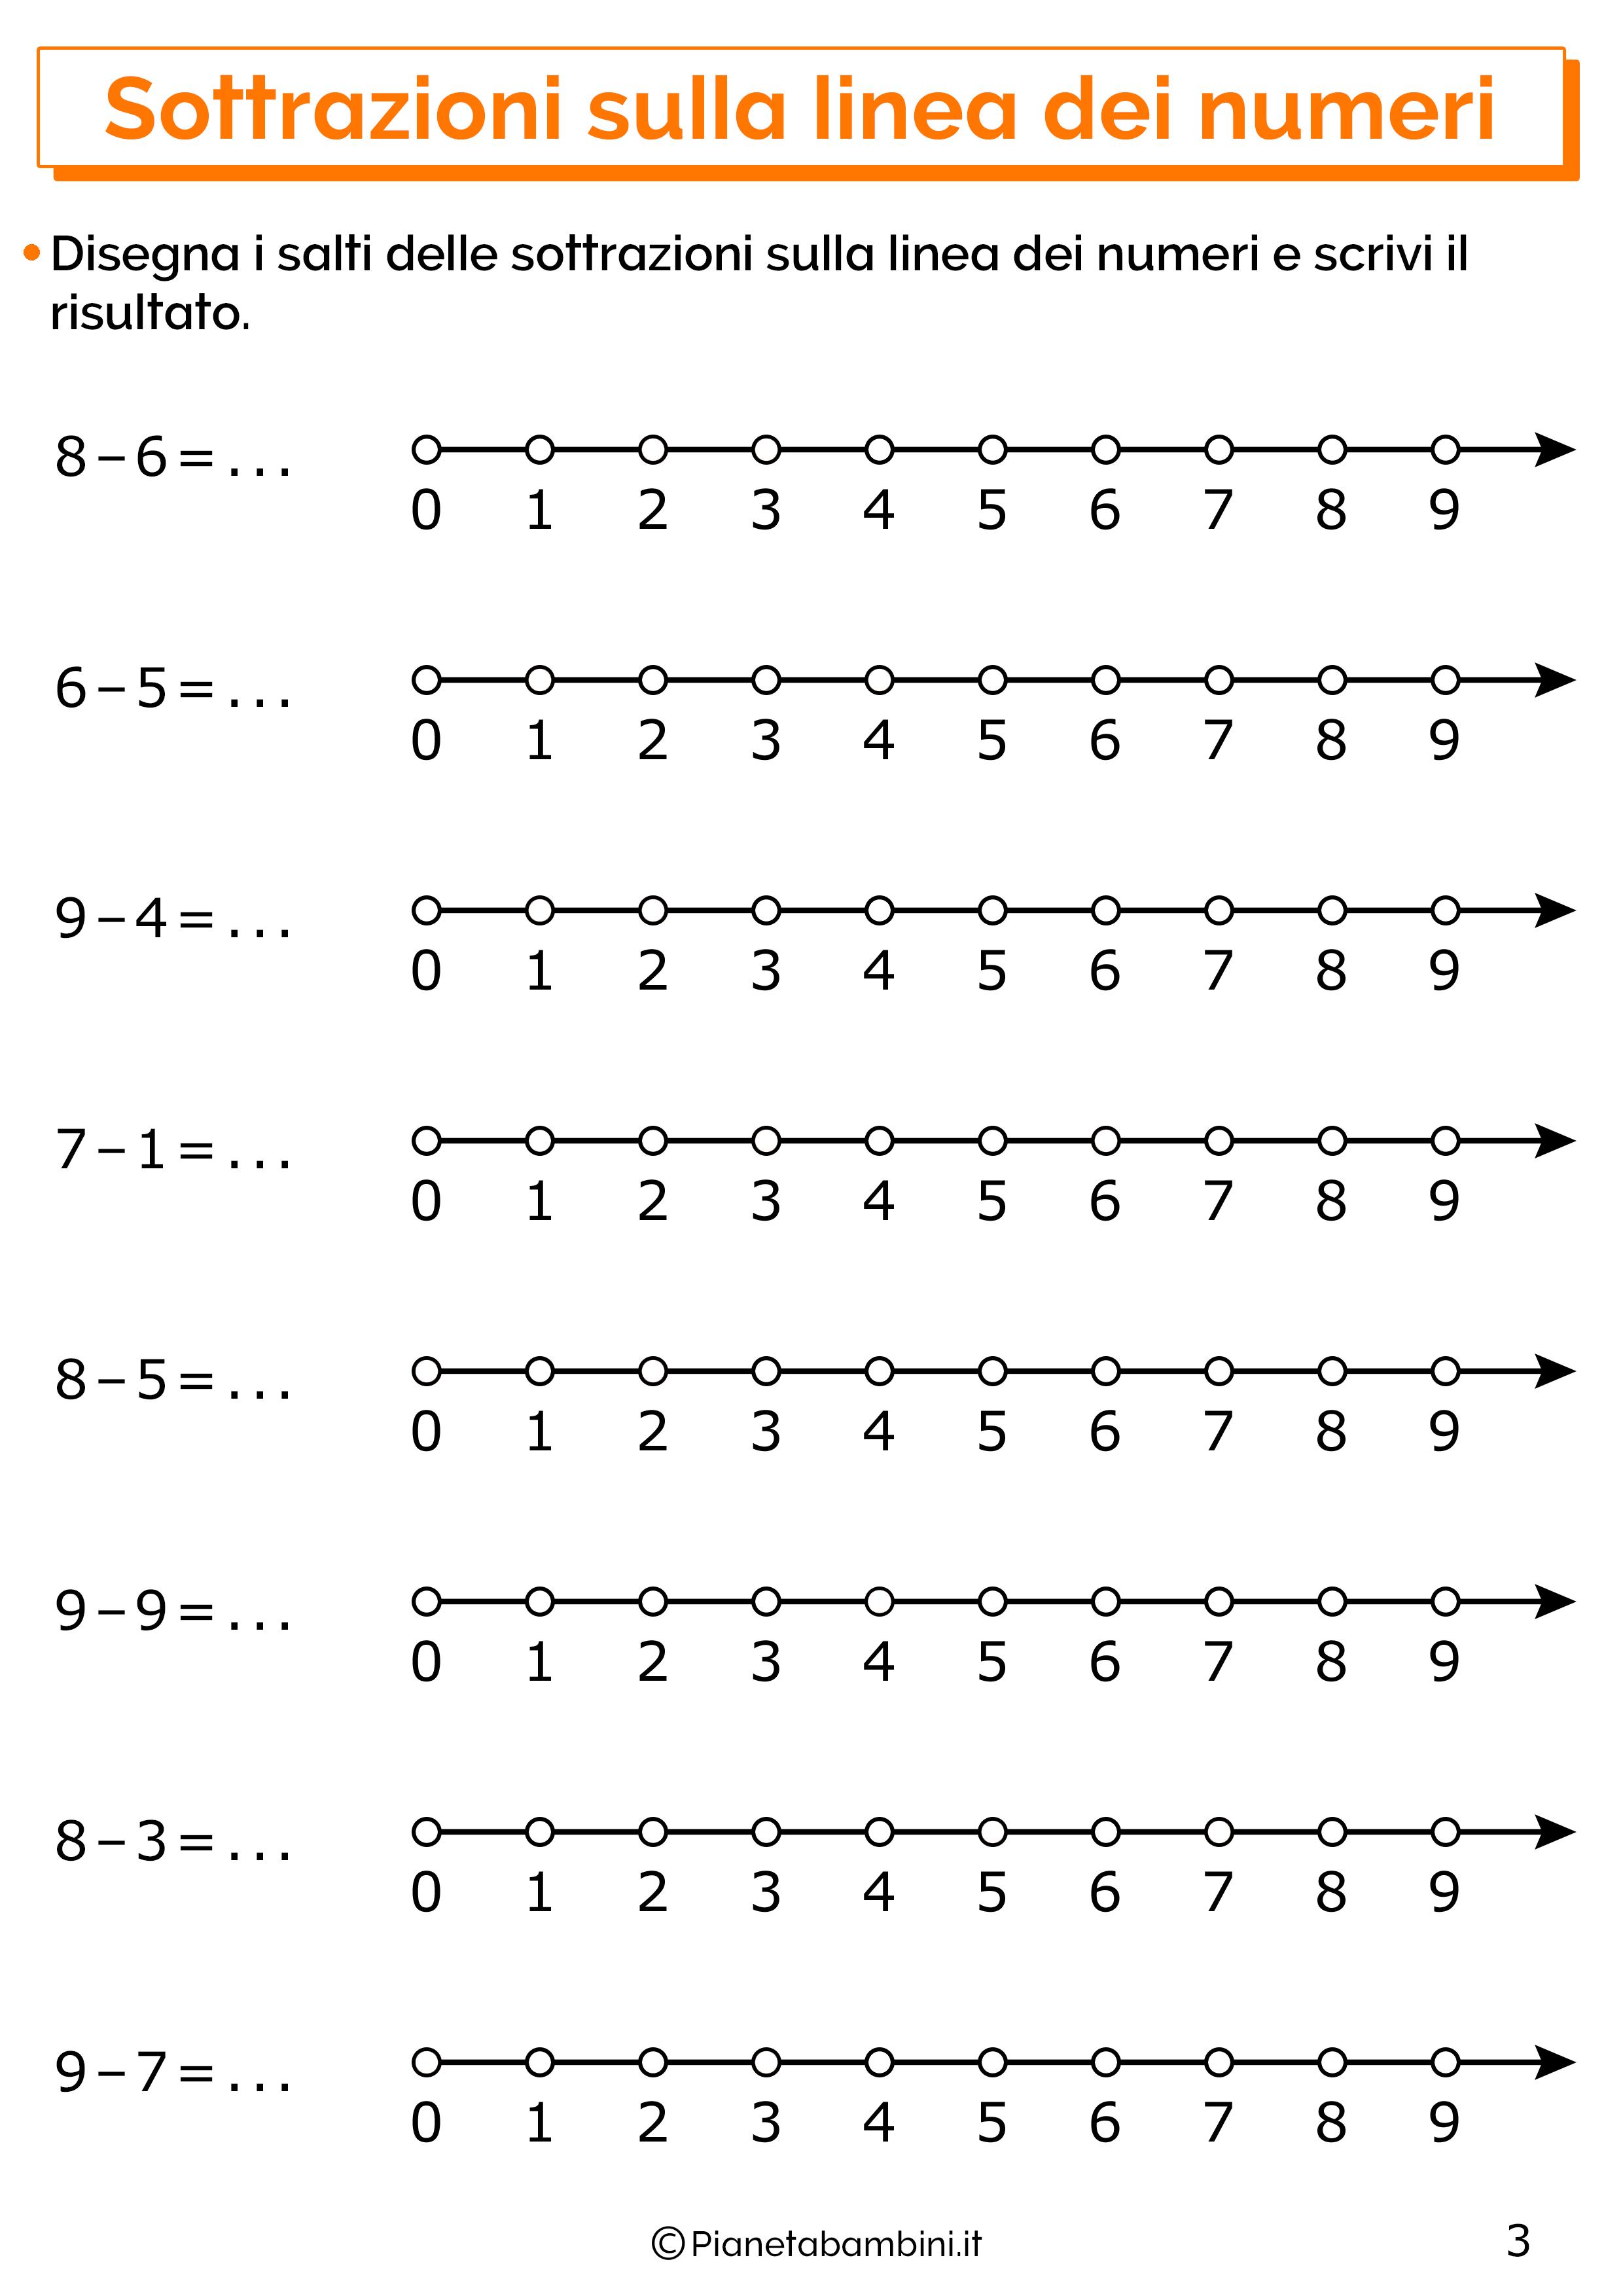 Esercizi sulle sottrazioni sulla linea dei numeri 03